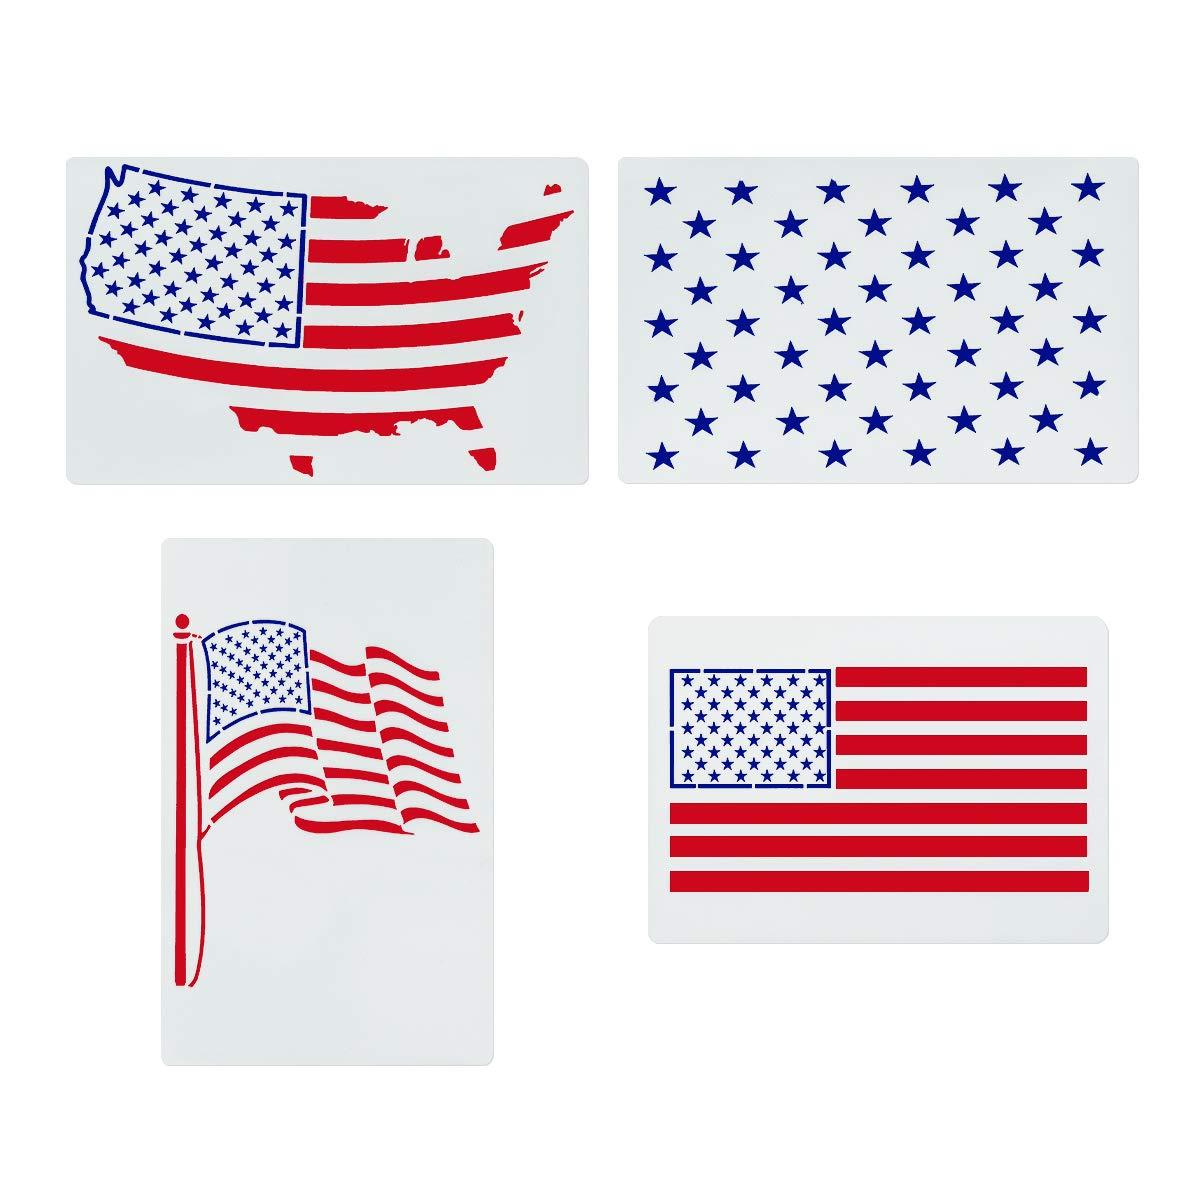 星型ステンシル アメリカ国旗柄 4枚セット - アートペイントテンプレート スクラップブック/製図/トレース/DIY家具/壁/床の装飾に   B07QC16BDH